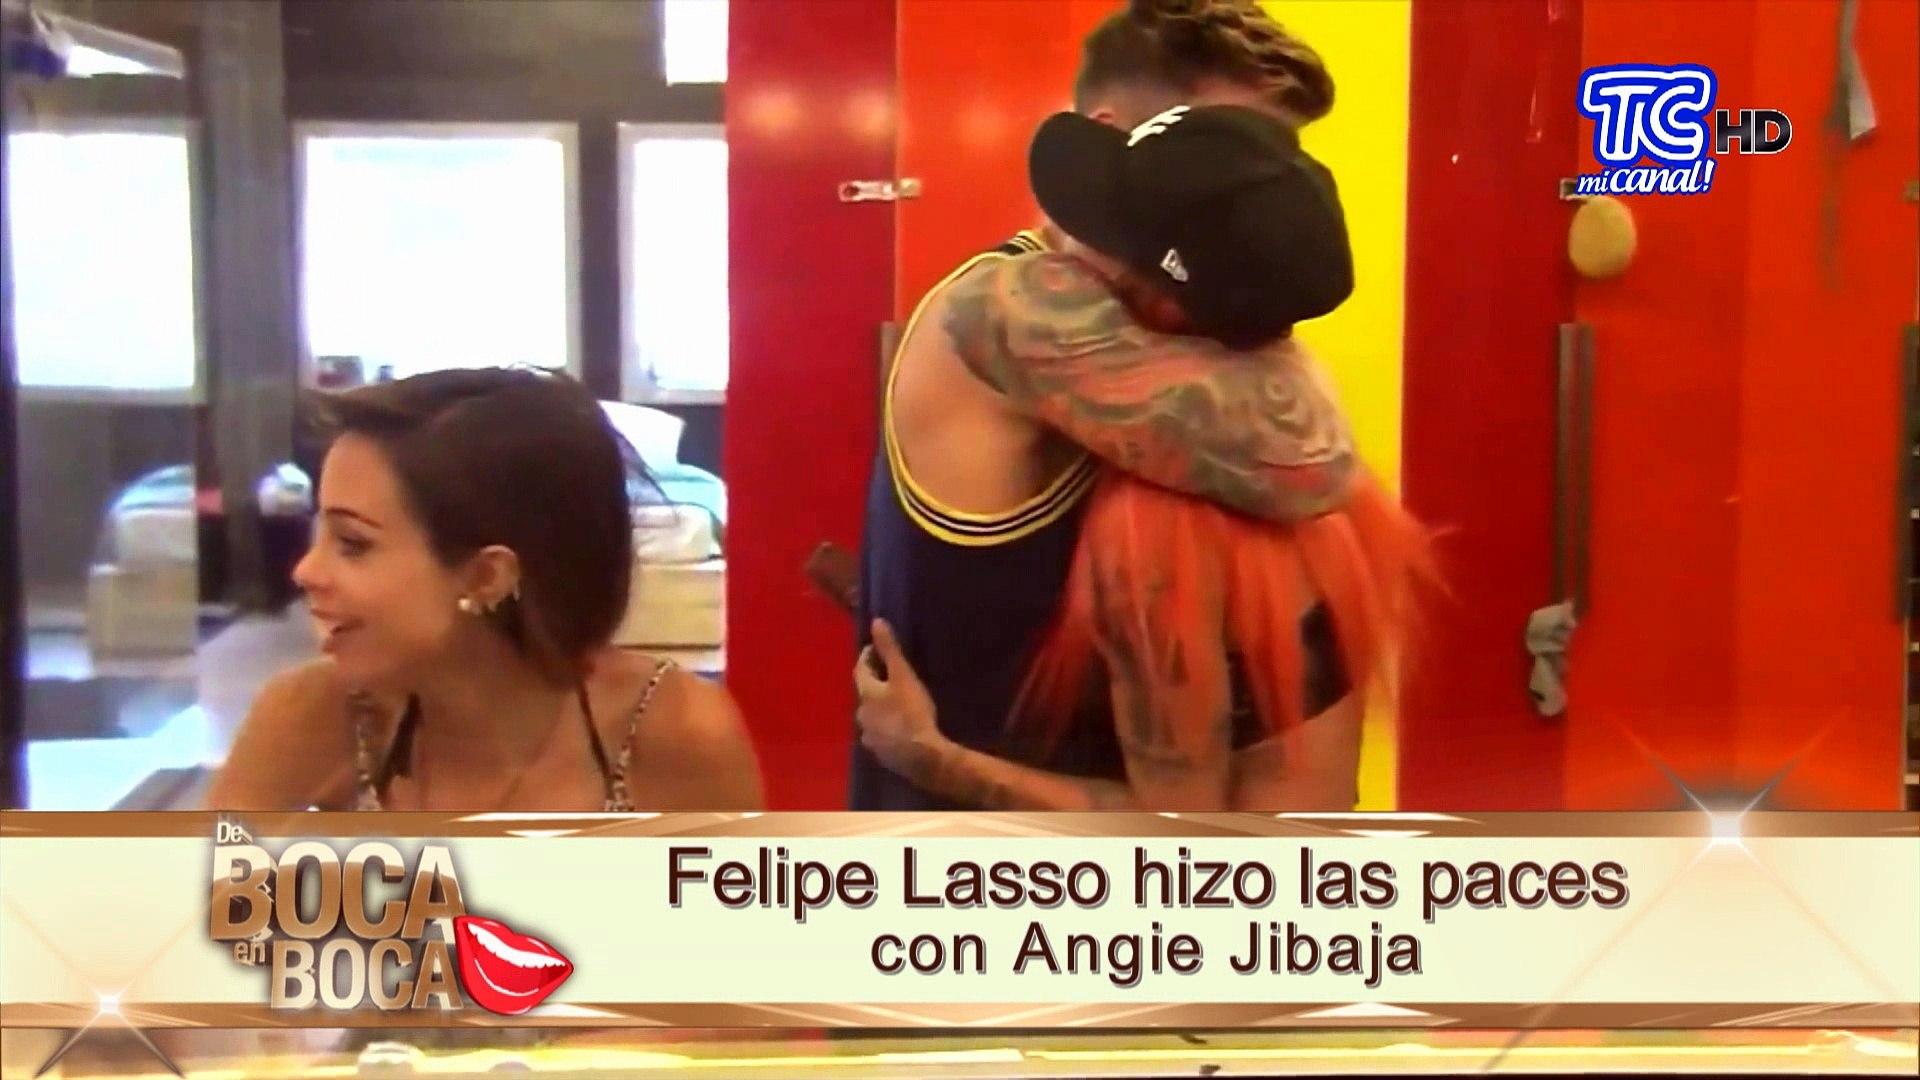 Angie Jibaja felipe lasso aclara rumores de que habría regresado con su expareja angie  jibaja